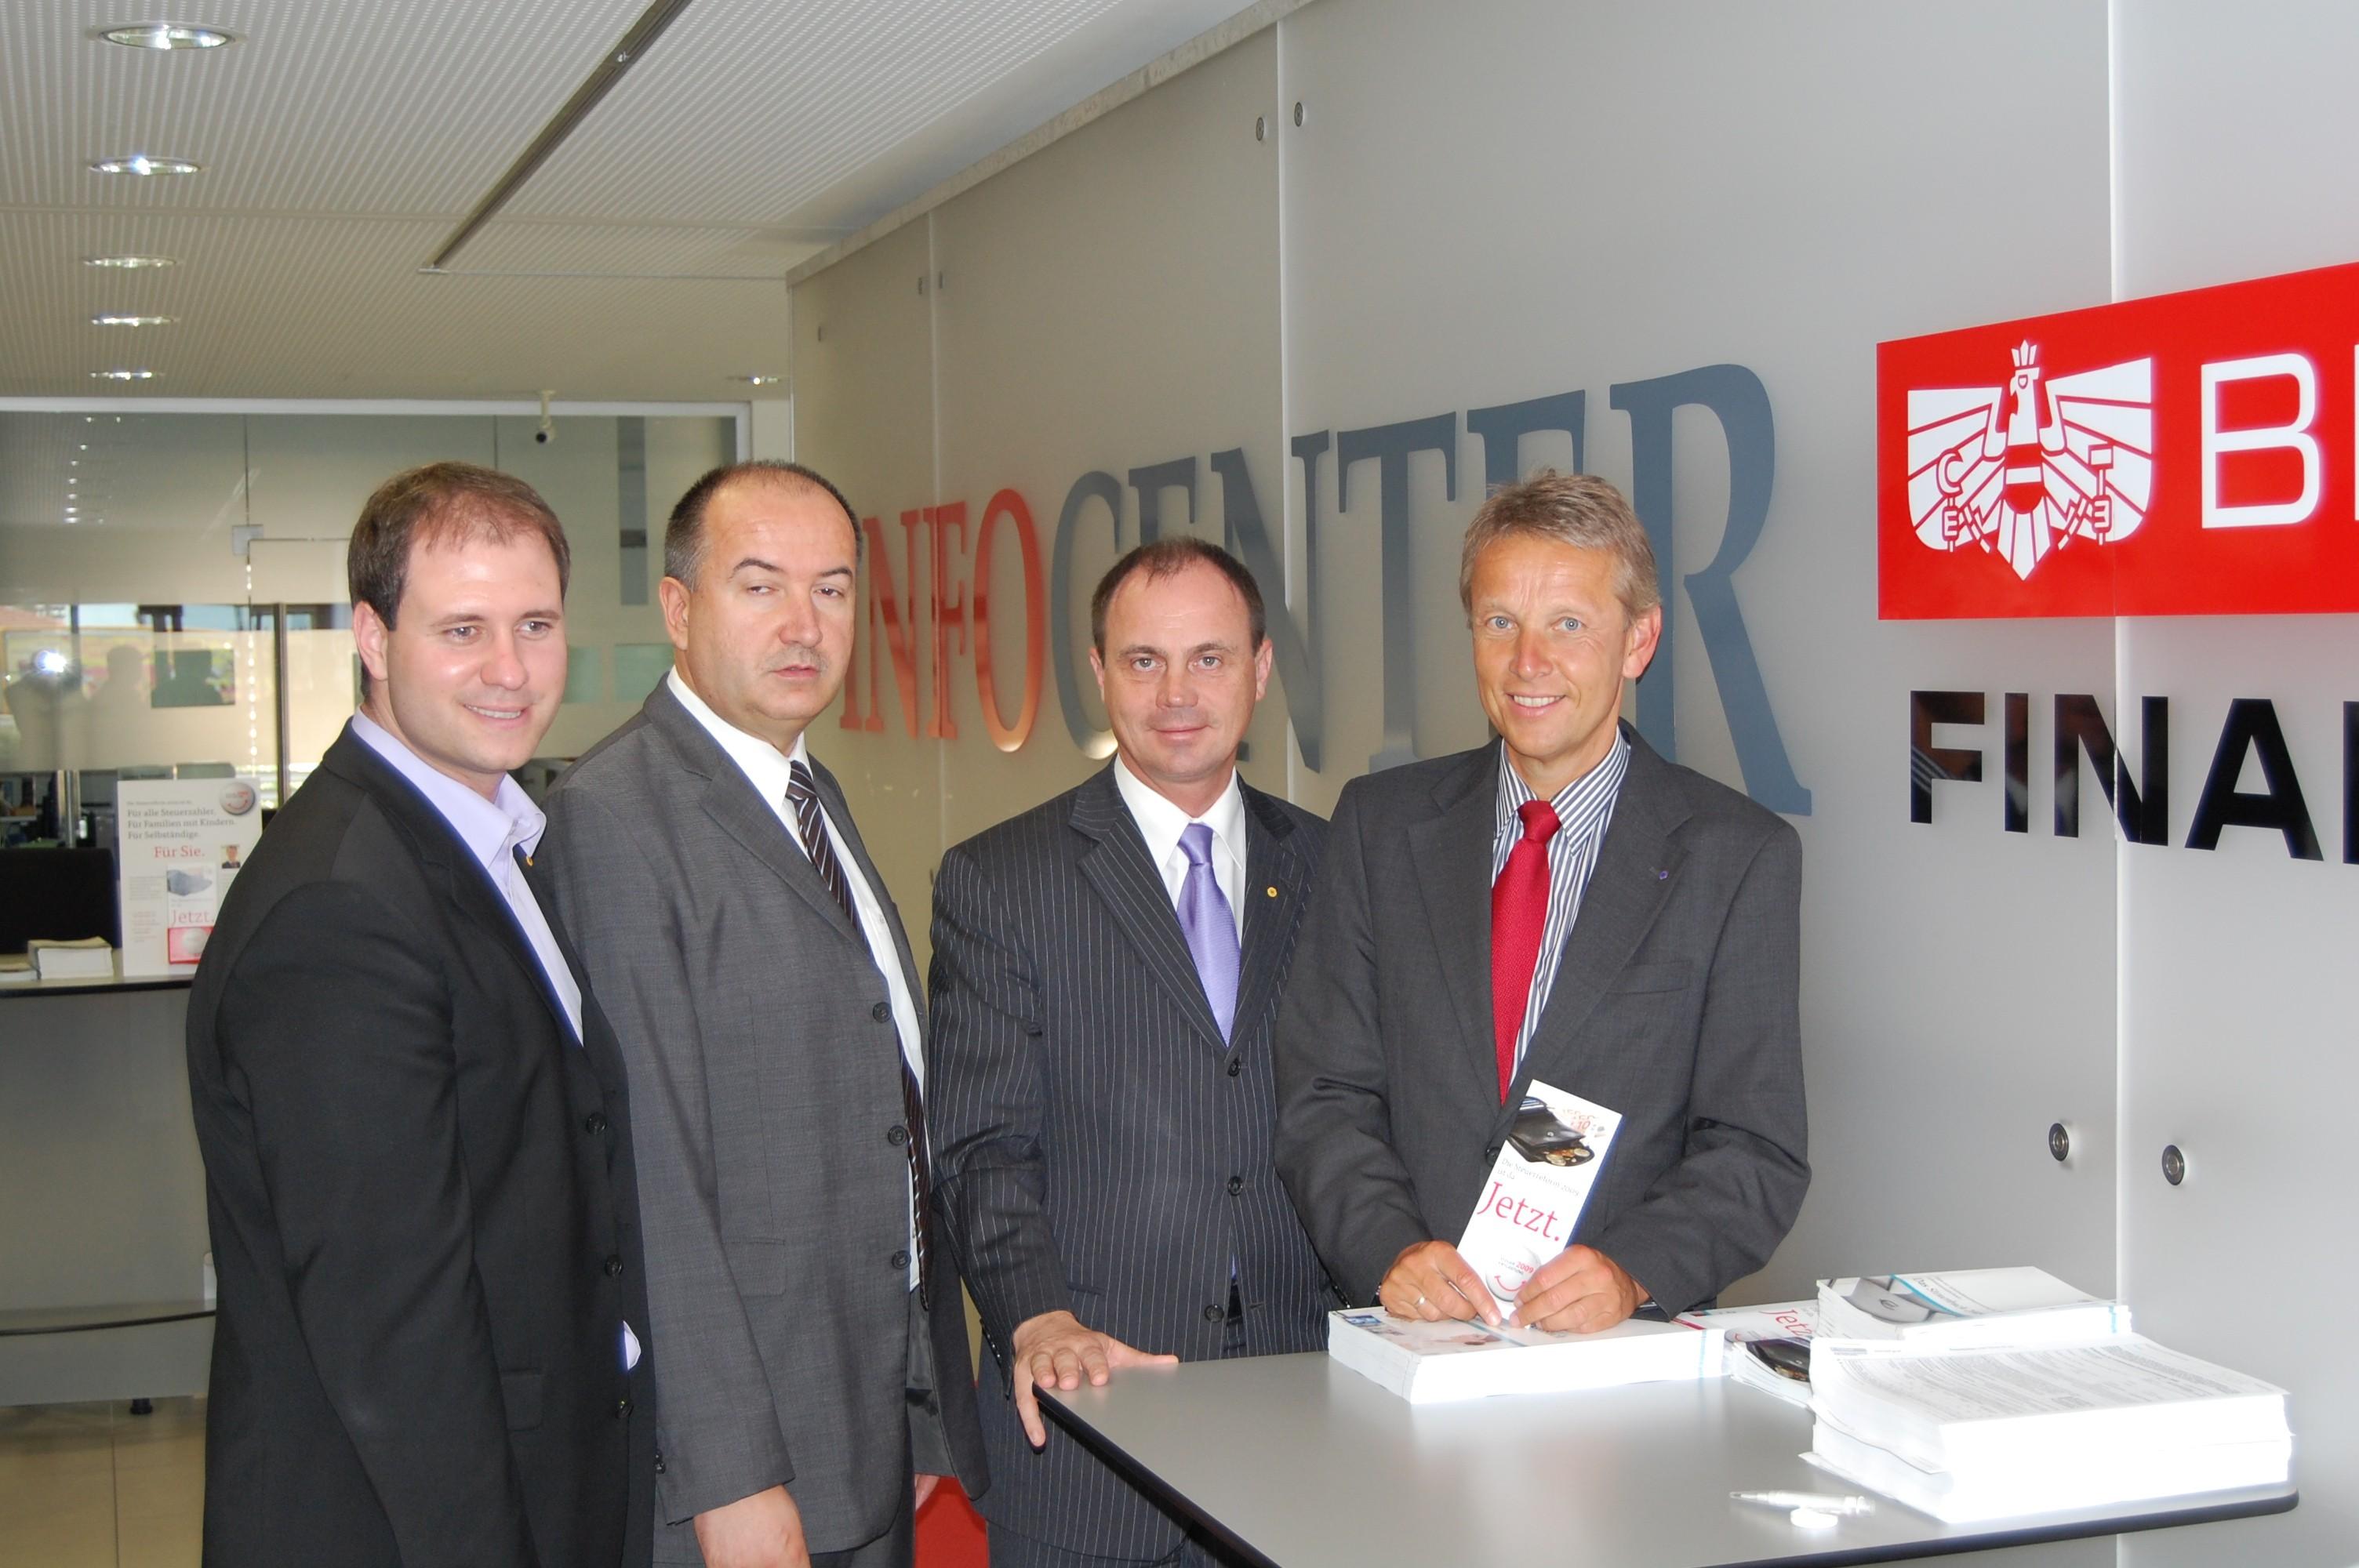 Im Finanzamt Eisenstadt mit Landtagsabgeordneten Christian Sagartz, Finanzamts-Leiter Raimund Weber und Landeshauptmann-Stellvertreter Franz Steindl. (C) ÖVP Burgenland